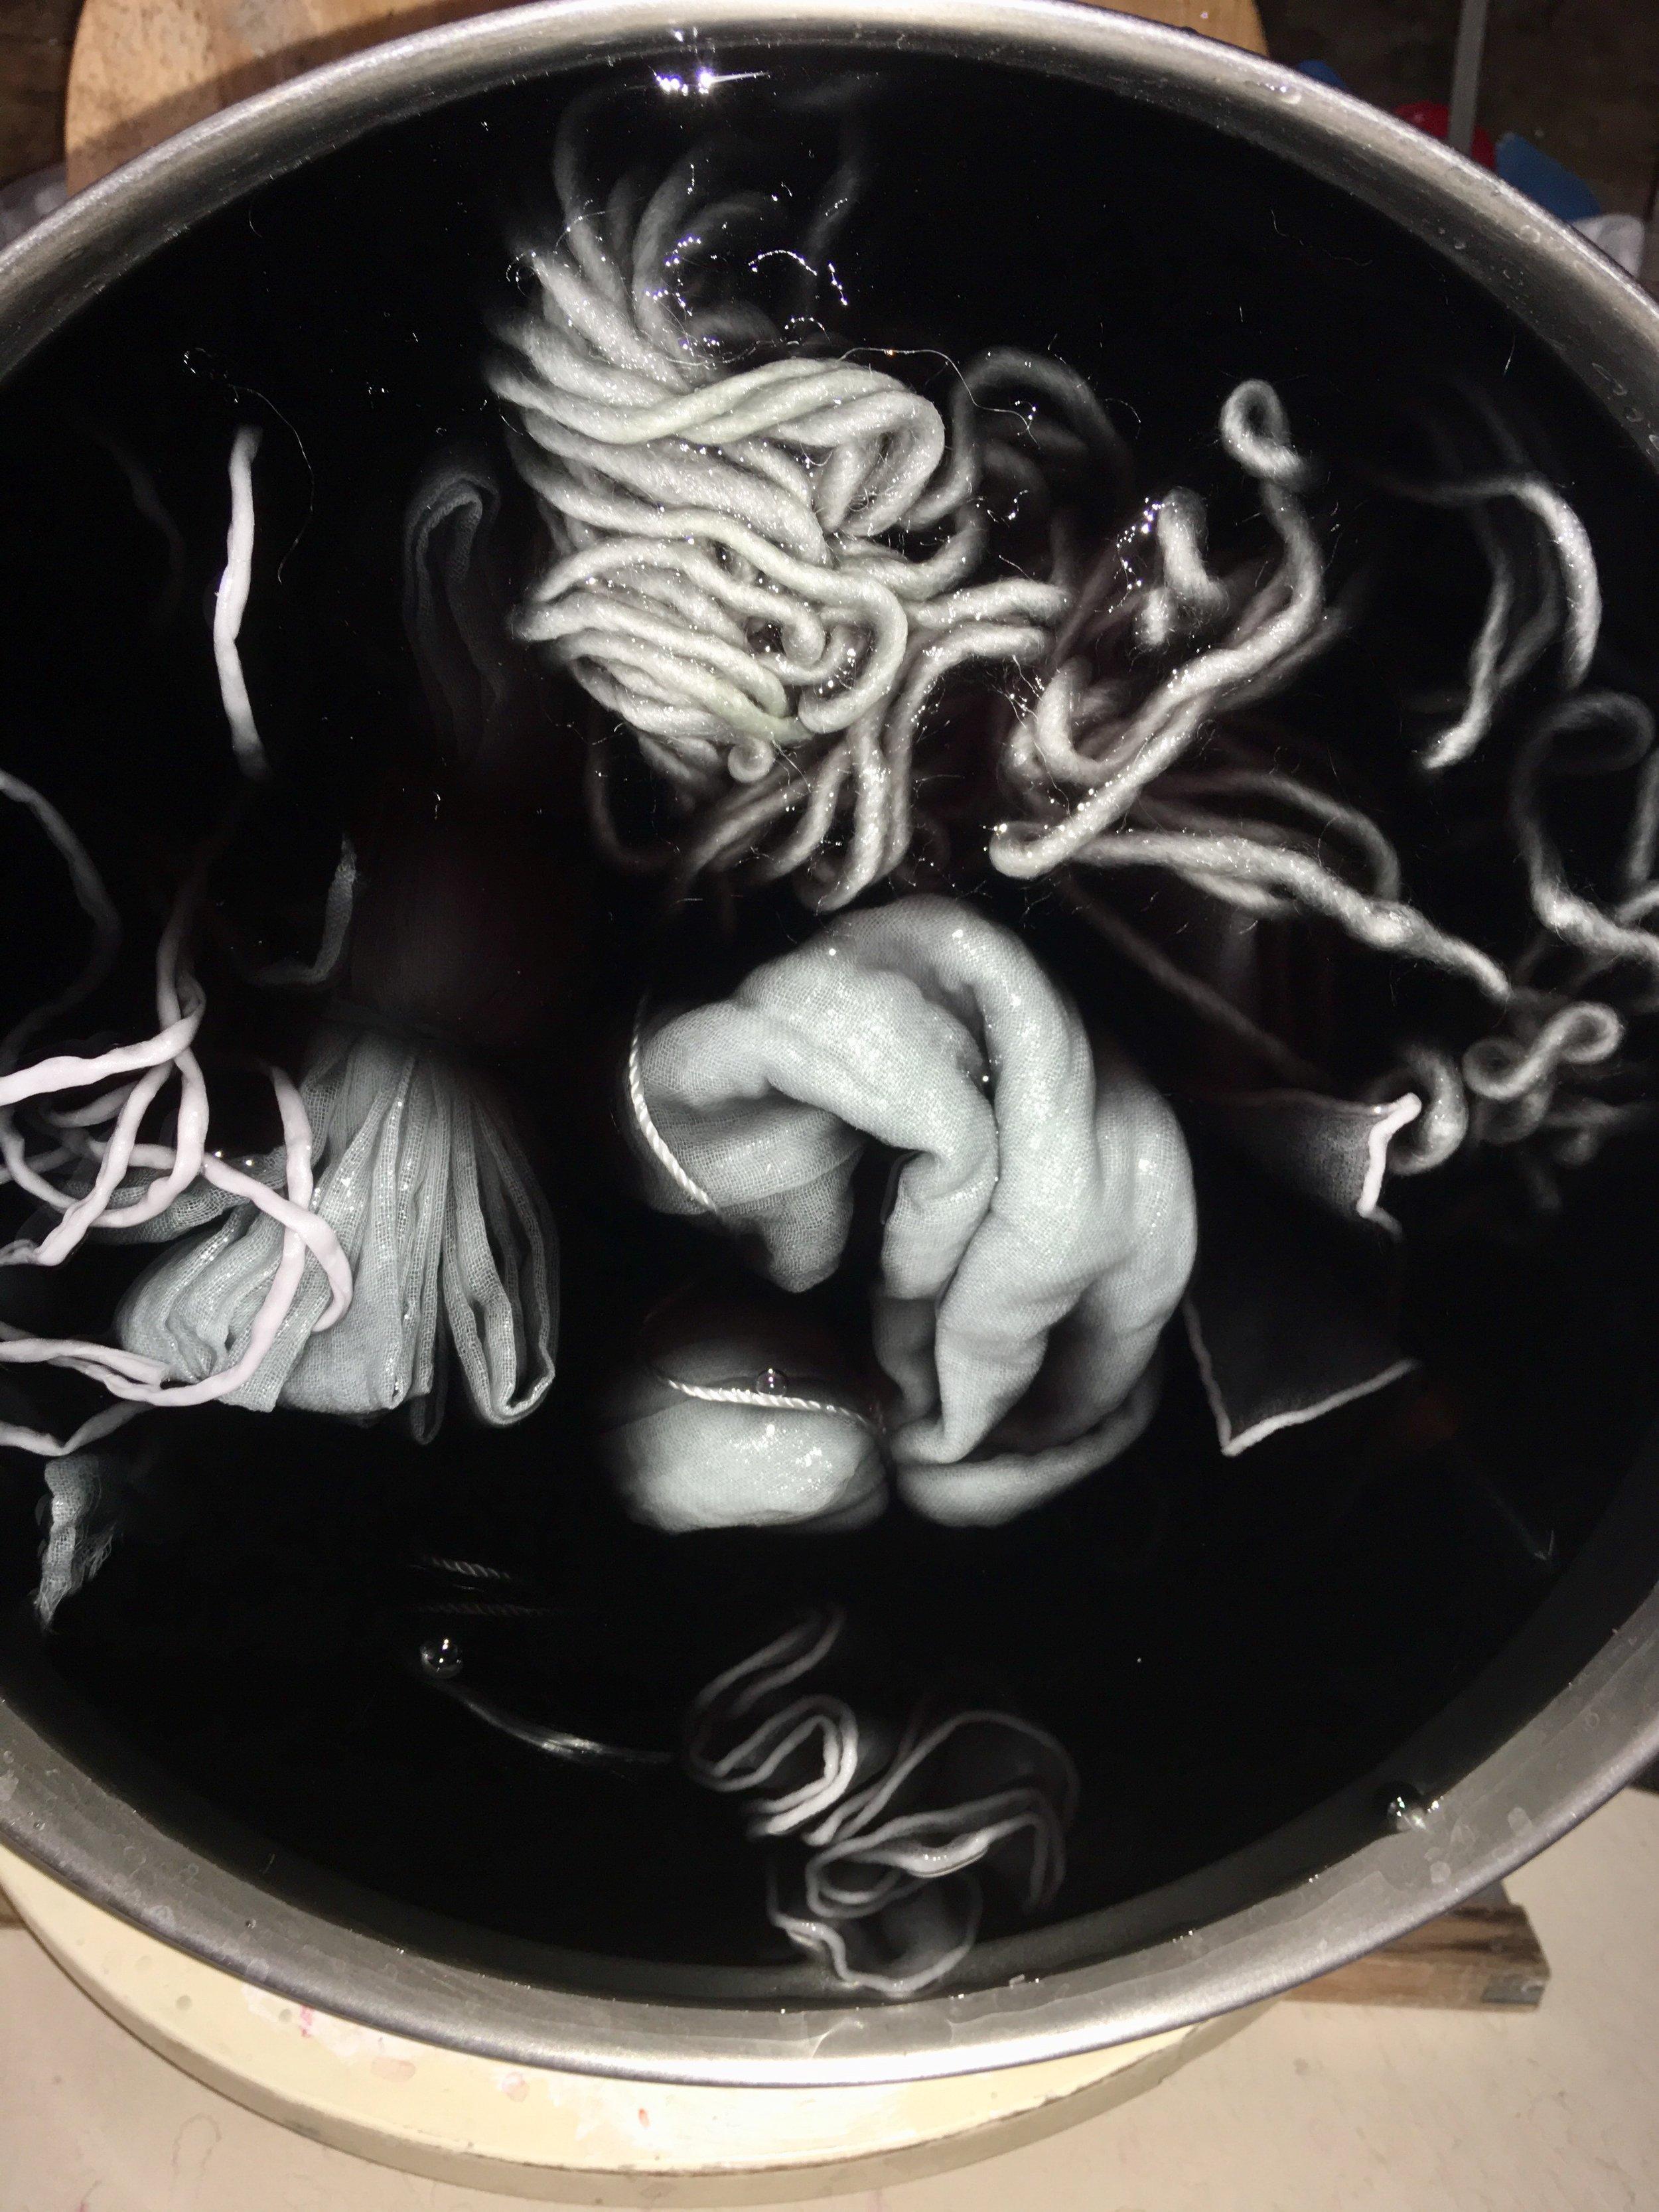 Exhausting the Dye bath